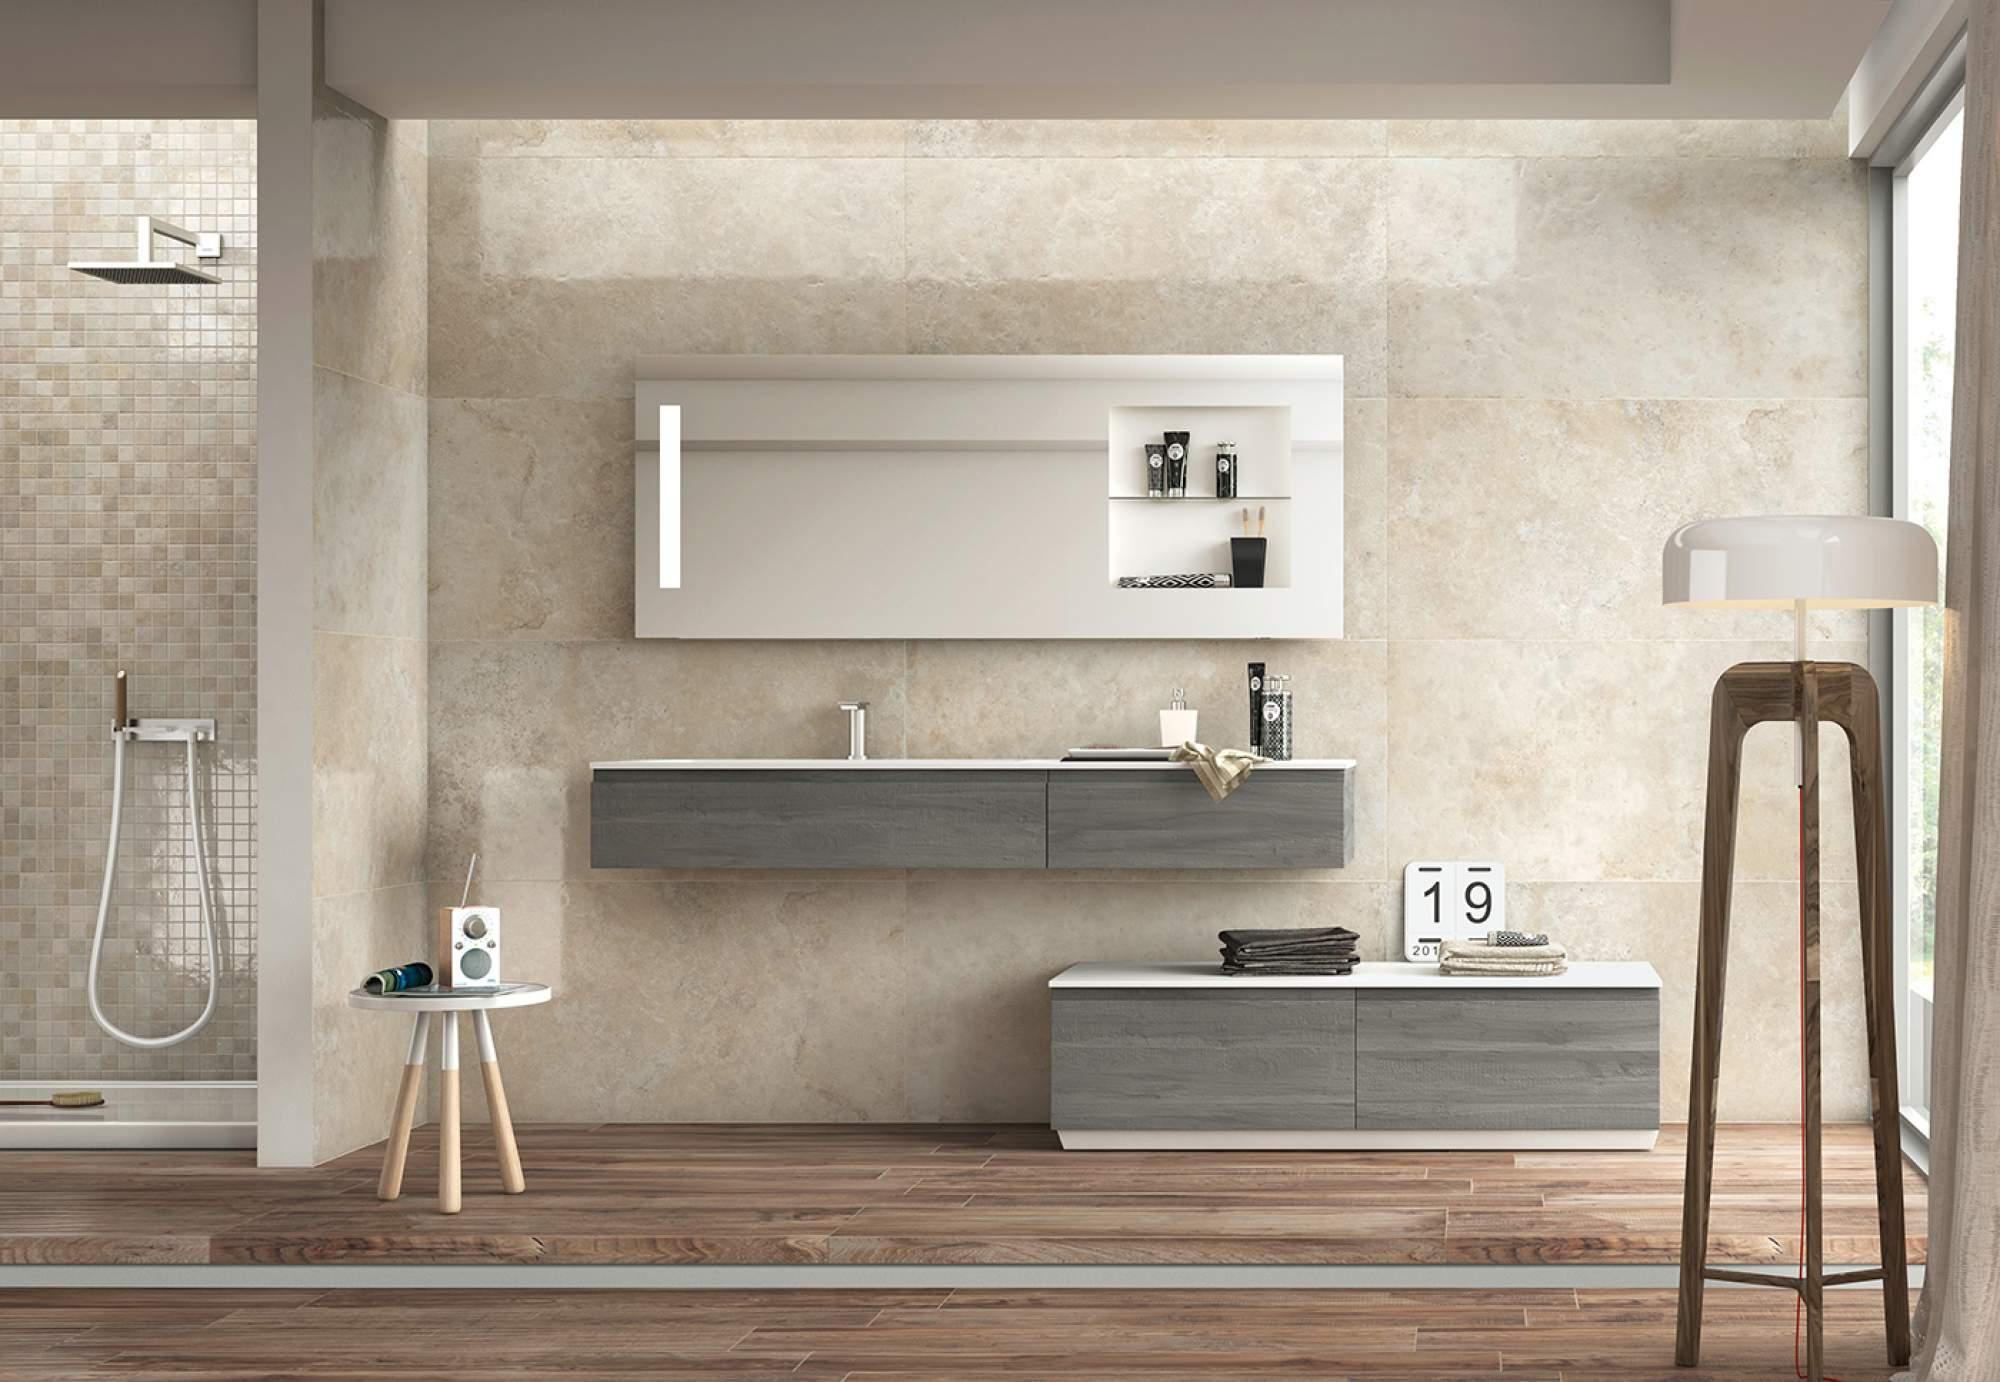 Vente de carreau opus gr s c rame grand format eguilles for Faience salle de bain grand format